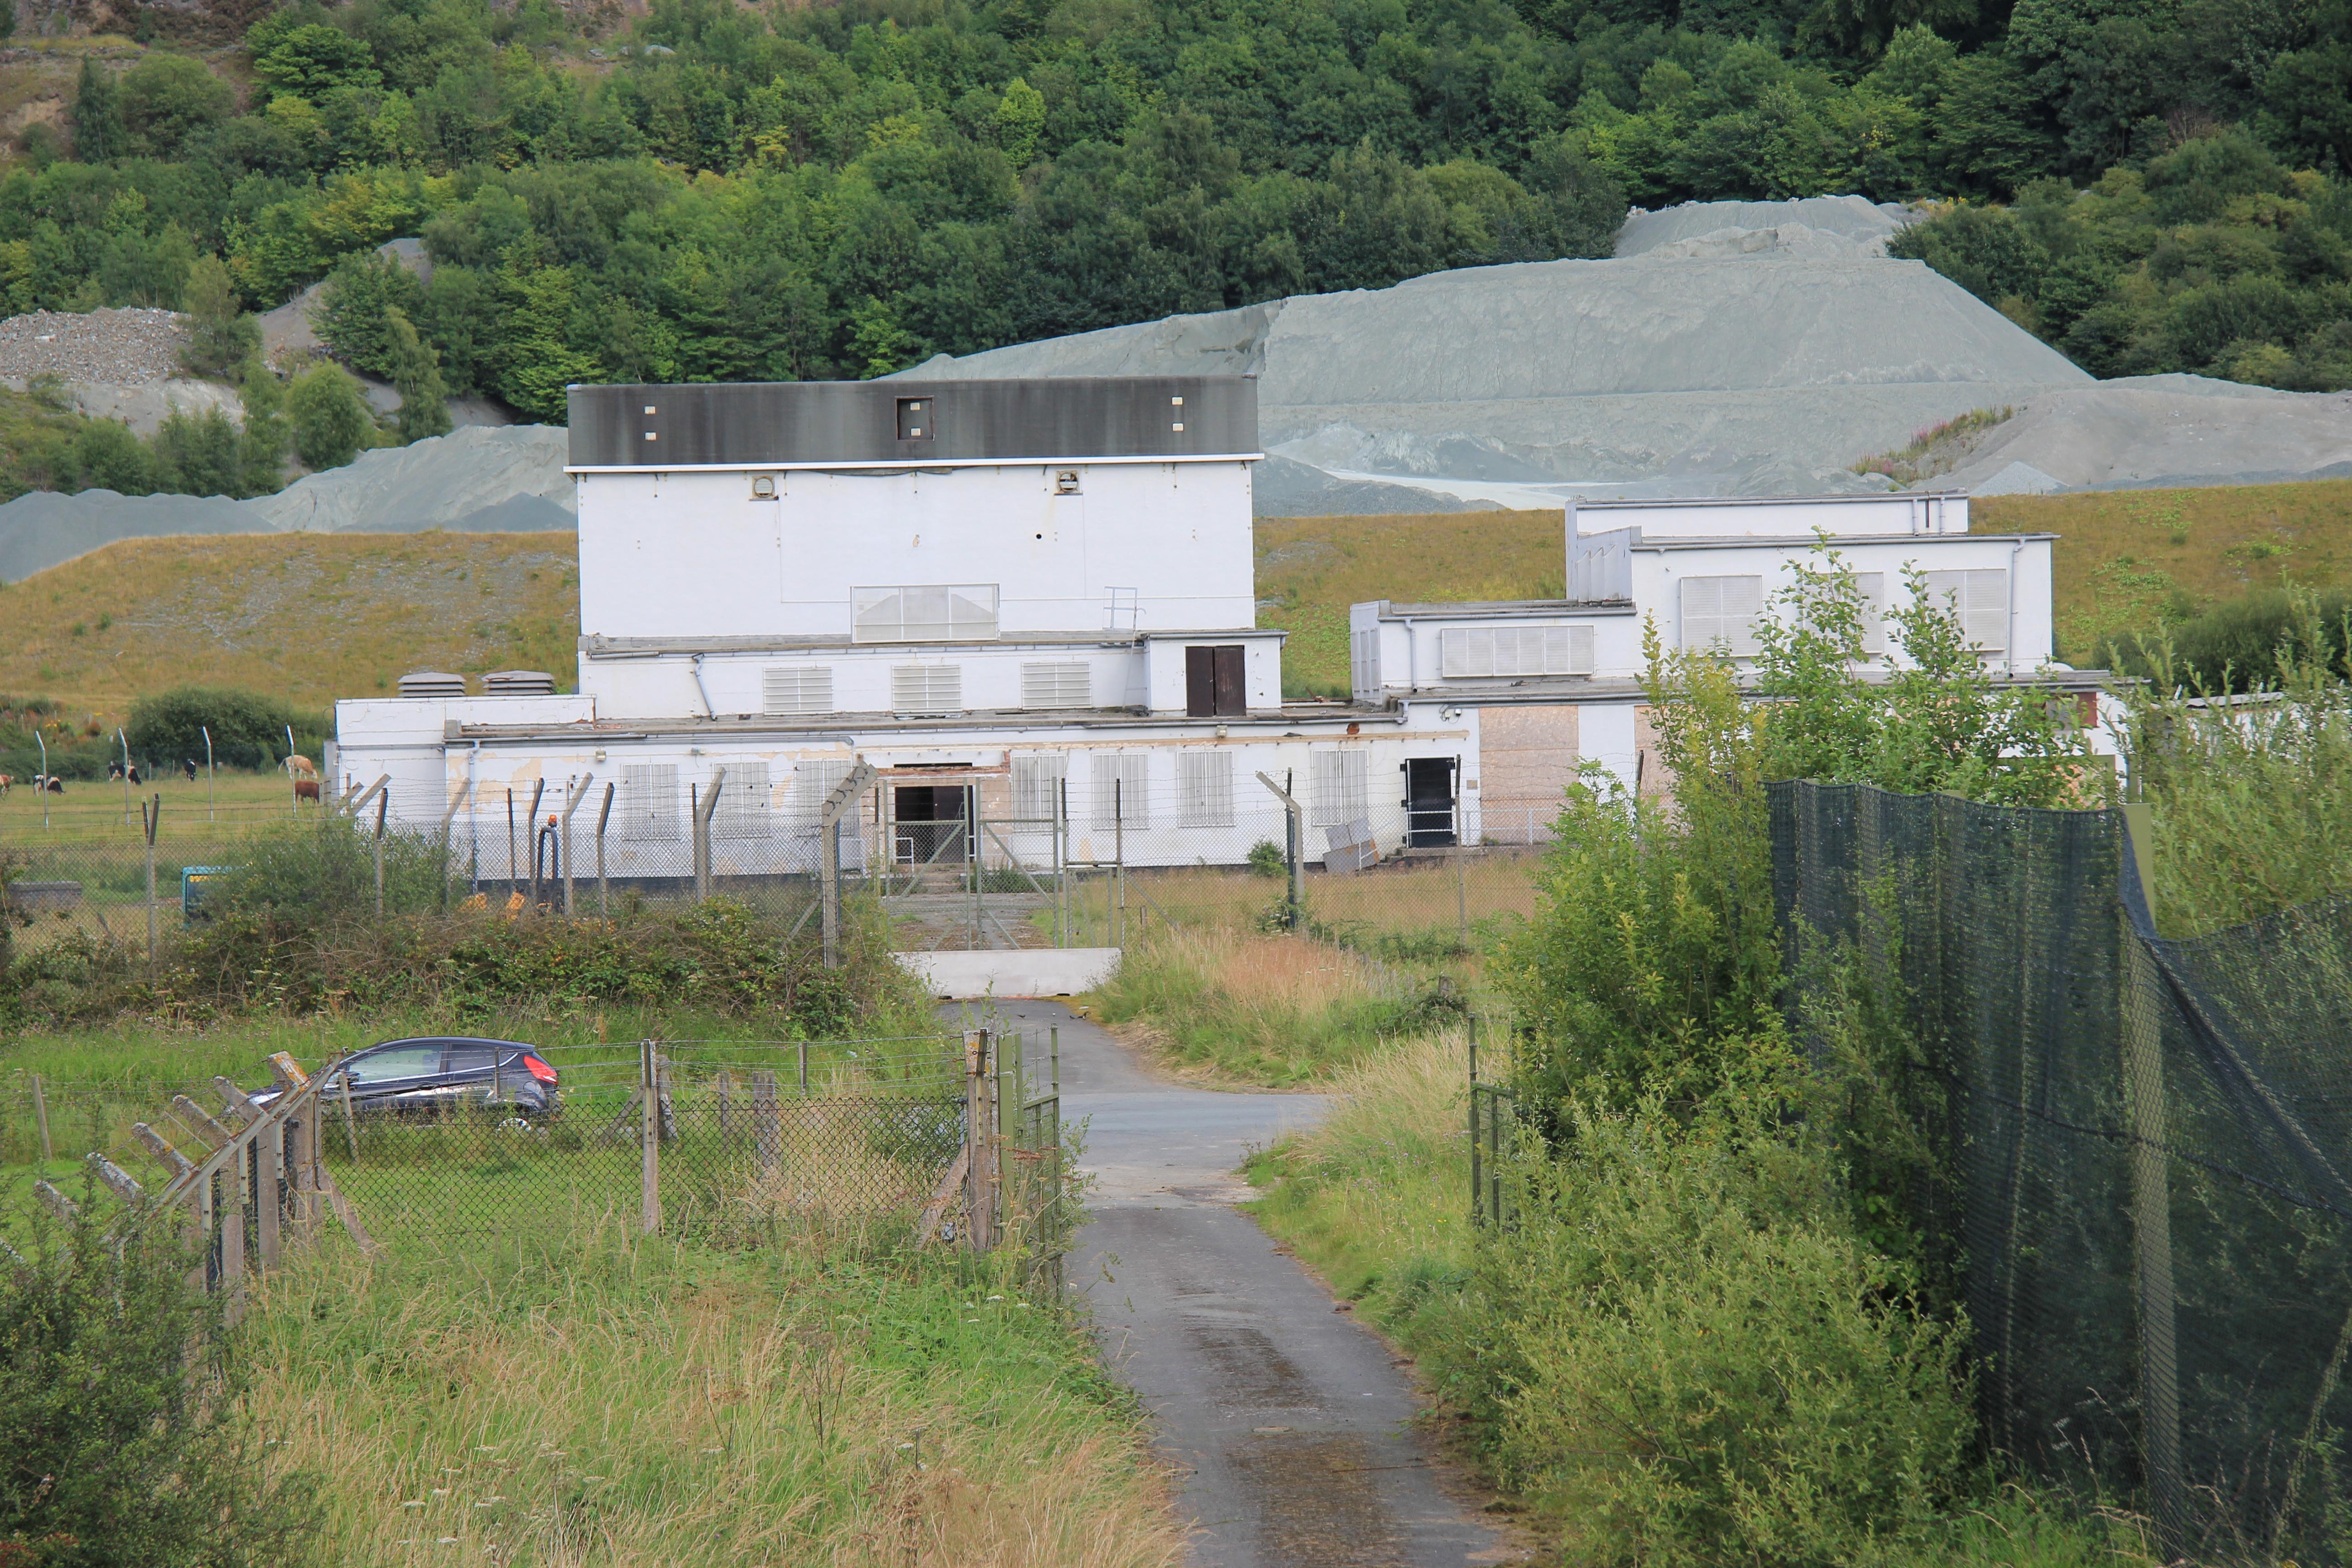 Criggion Radio Station Wikipedia Building A